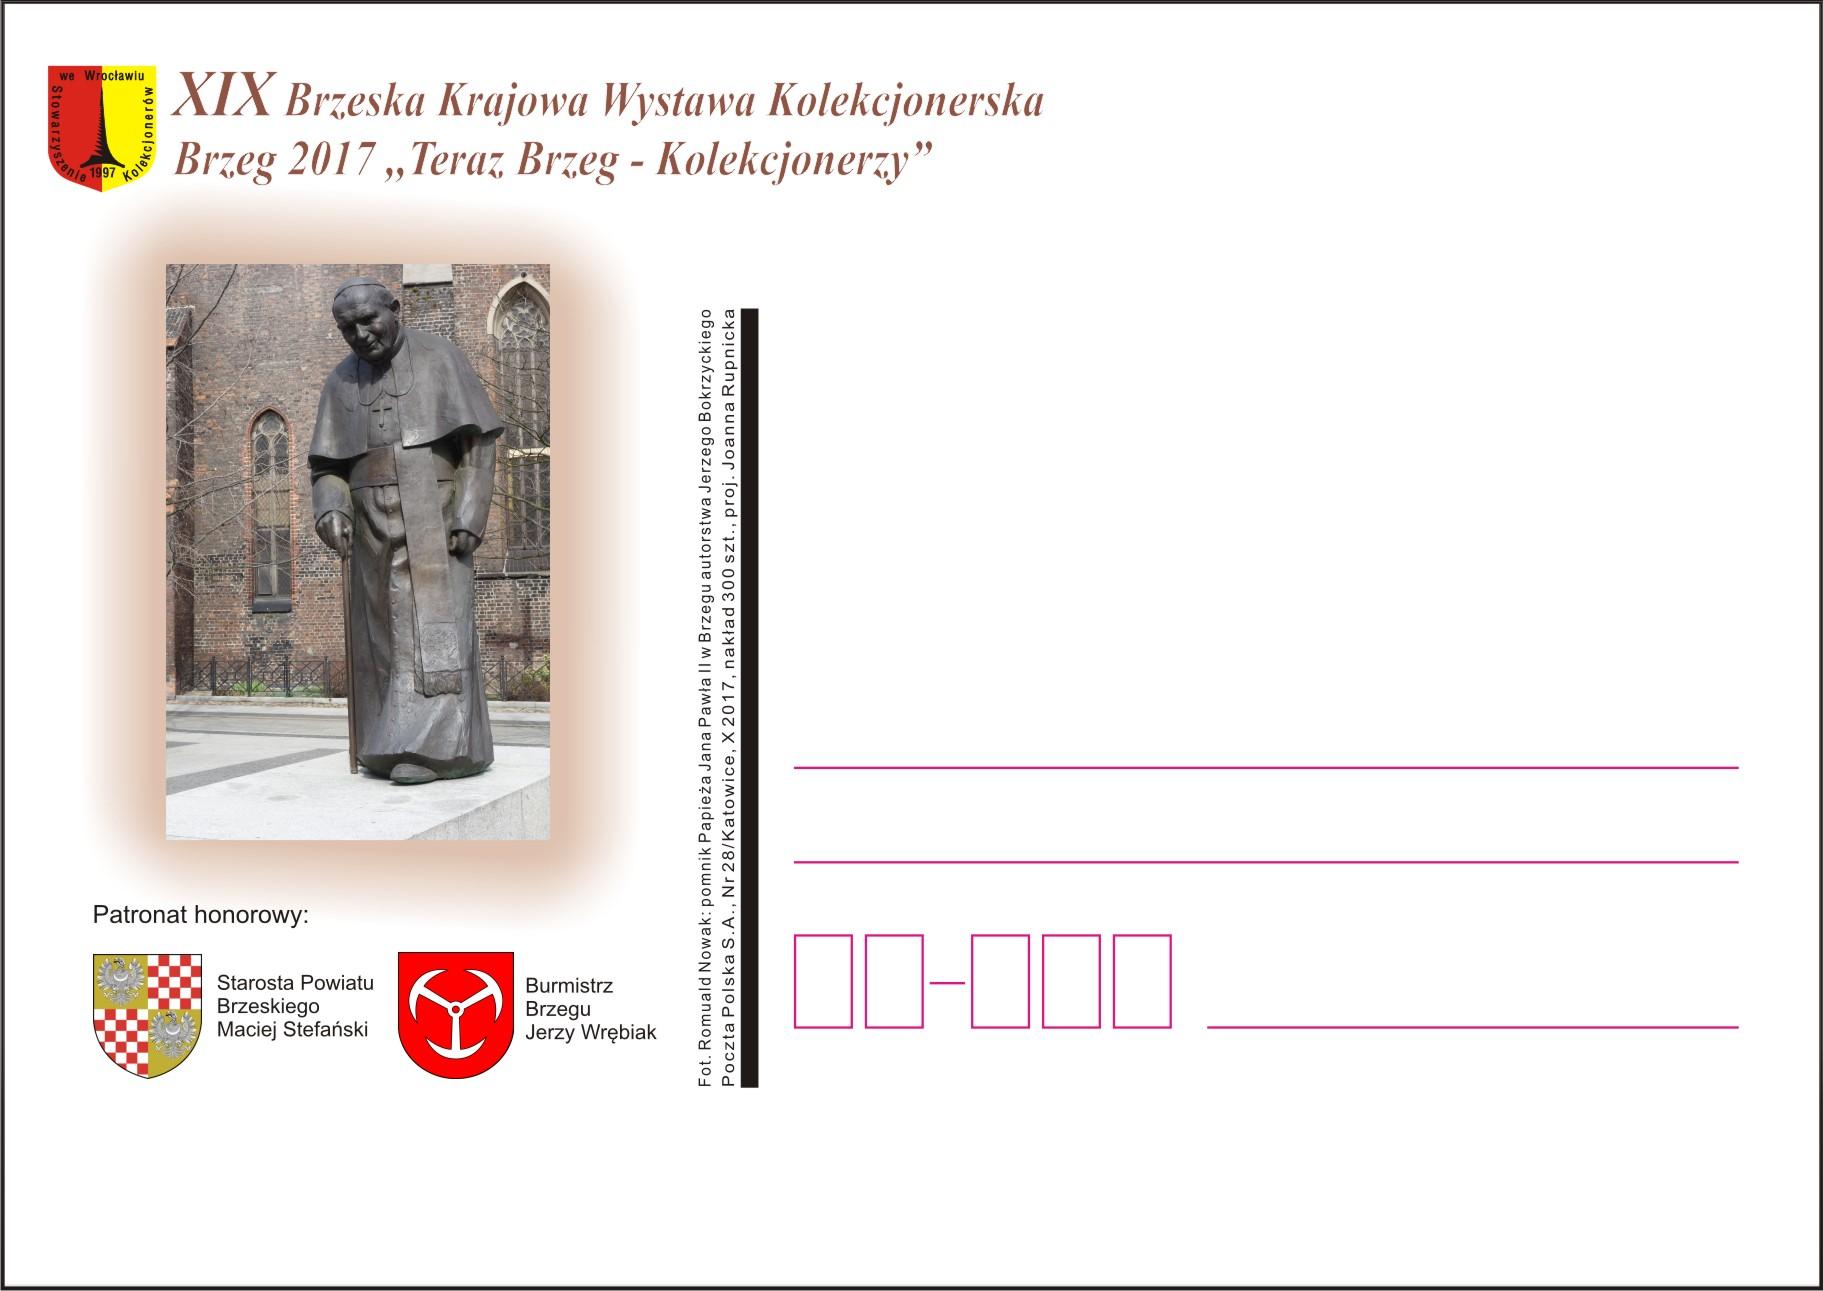 2. XIX Brzeska Krajowa Wystawa Kolekcjonerska krzywe 2